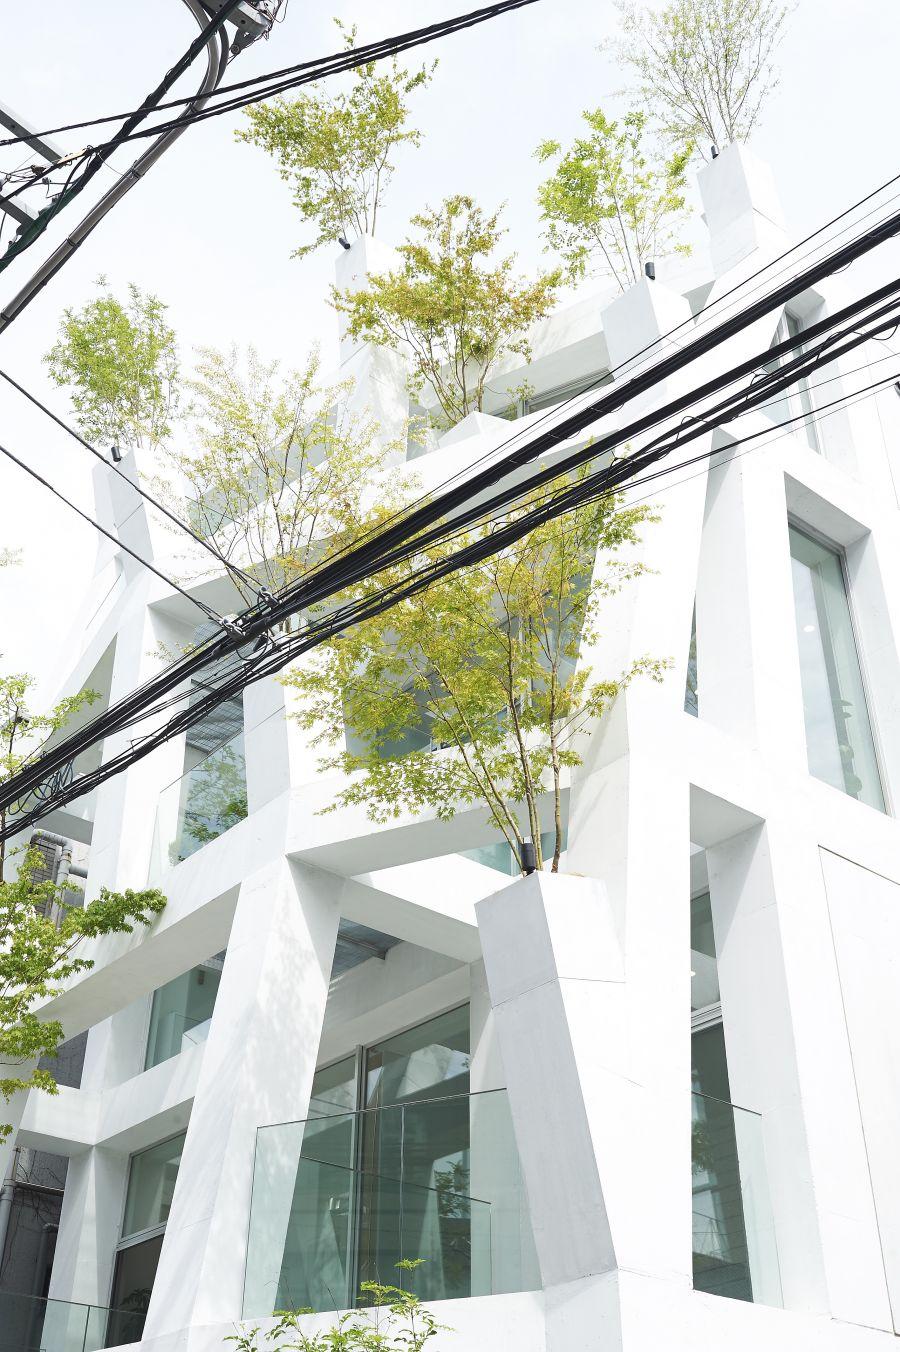 Omotesando Branches, Tokyo - crédit : V.Sadoun